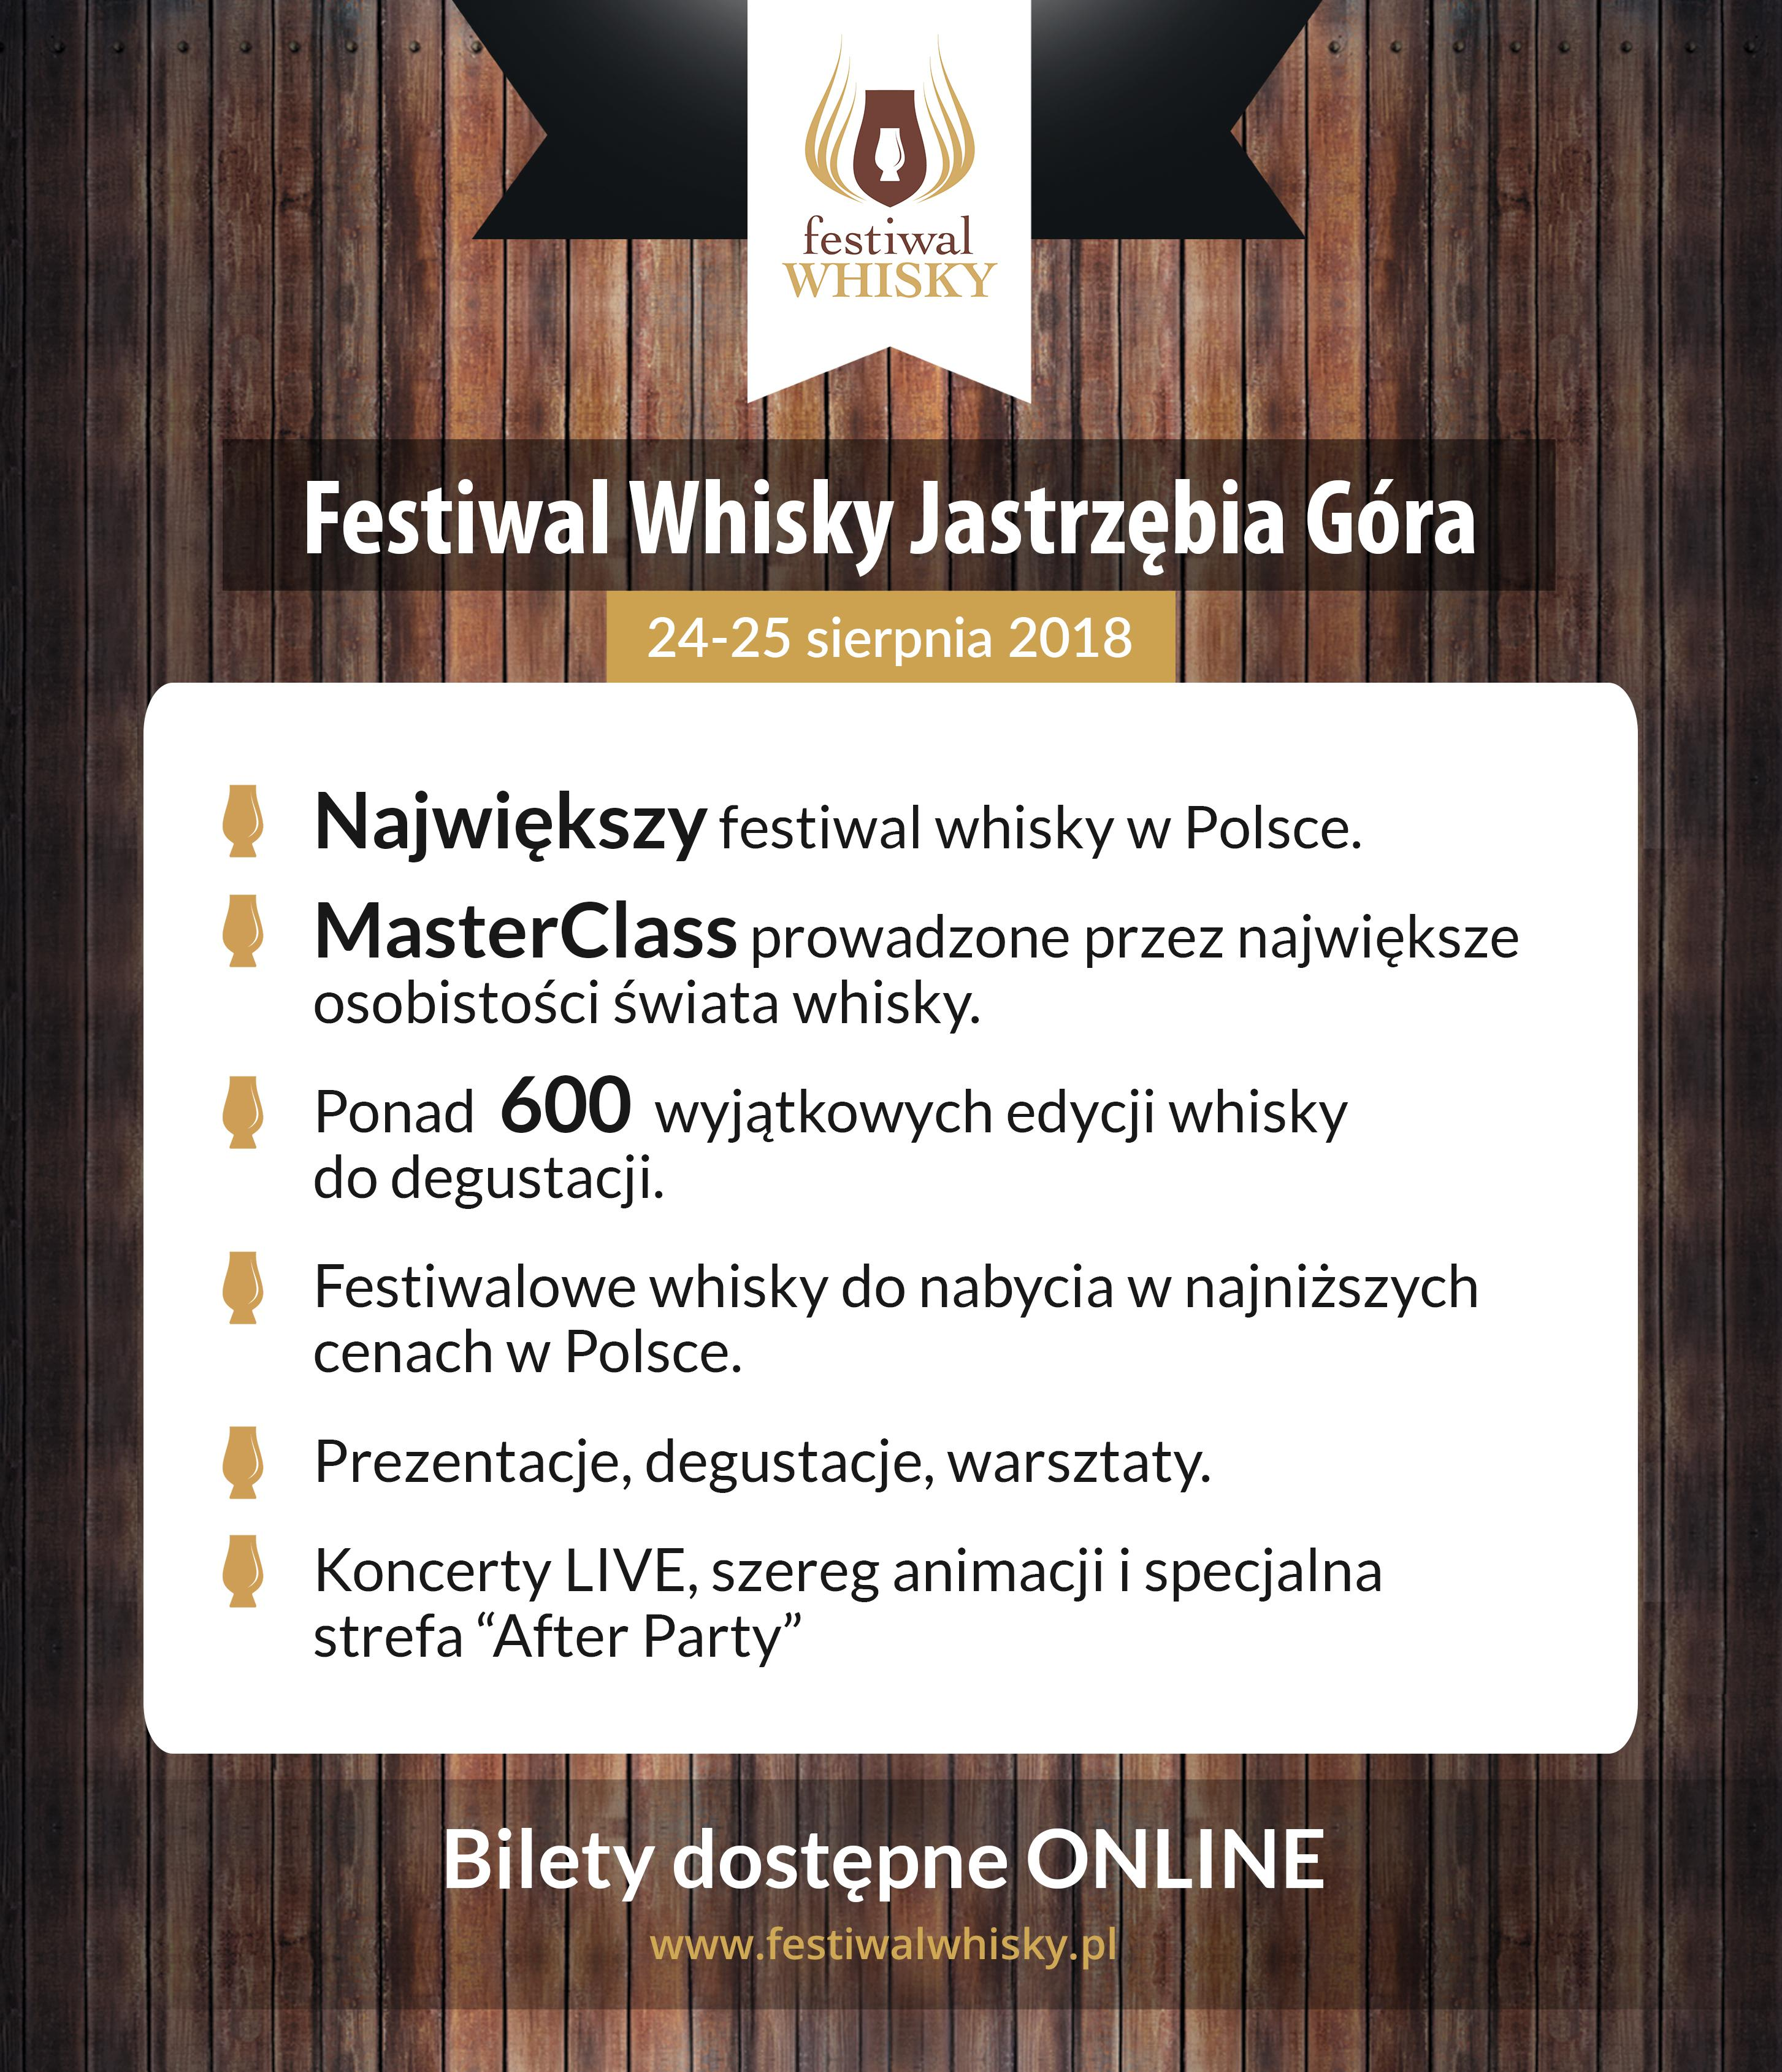 Festiwal Whisky Jastrzebia Gora 2018 Magazynkobiet Pl